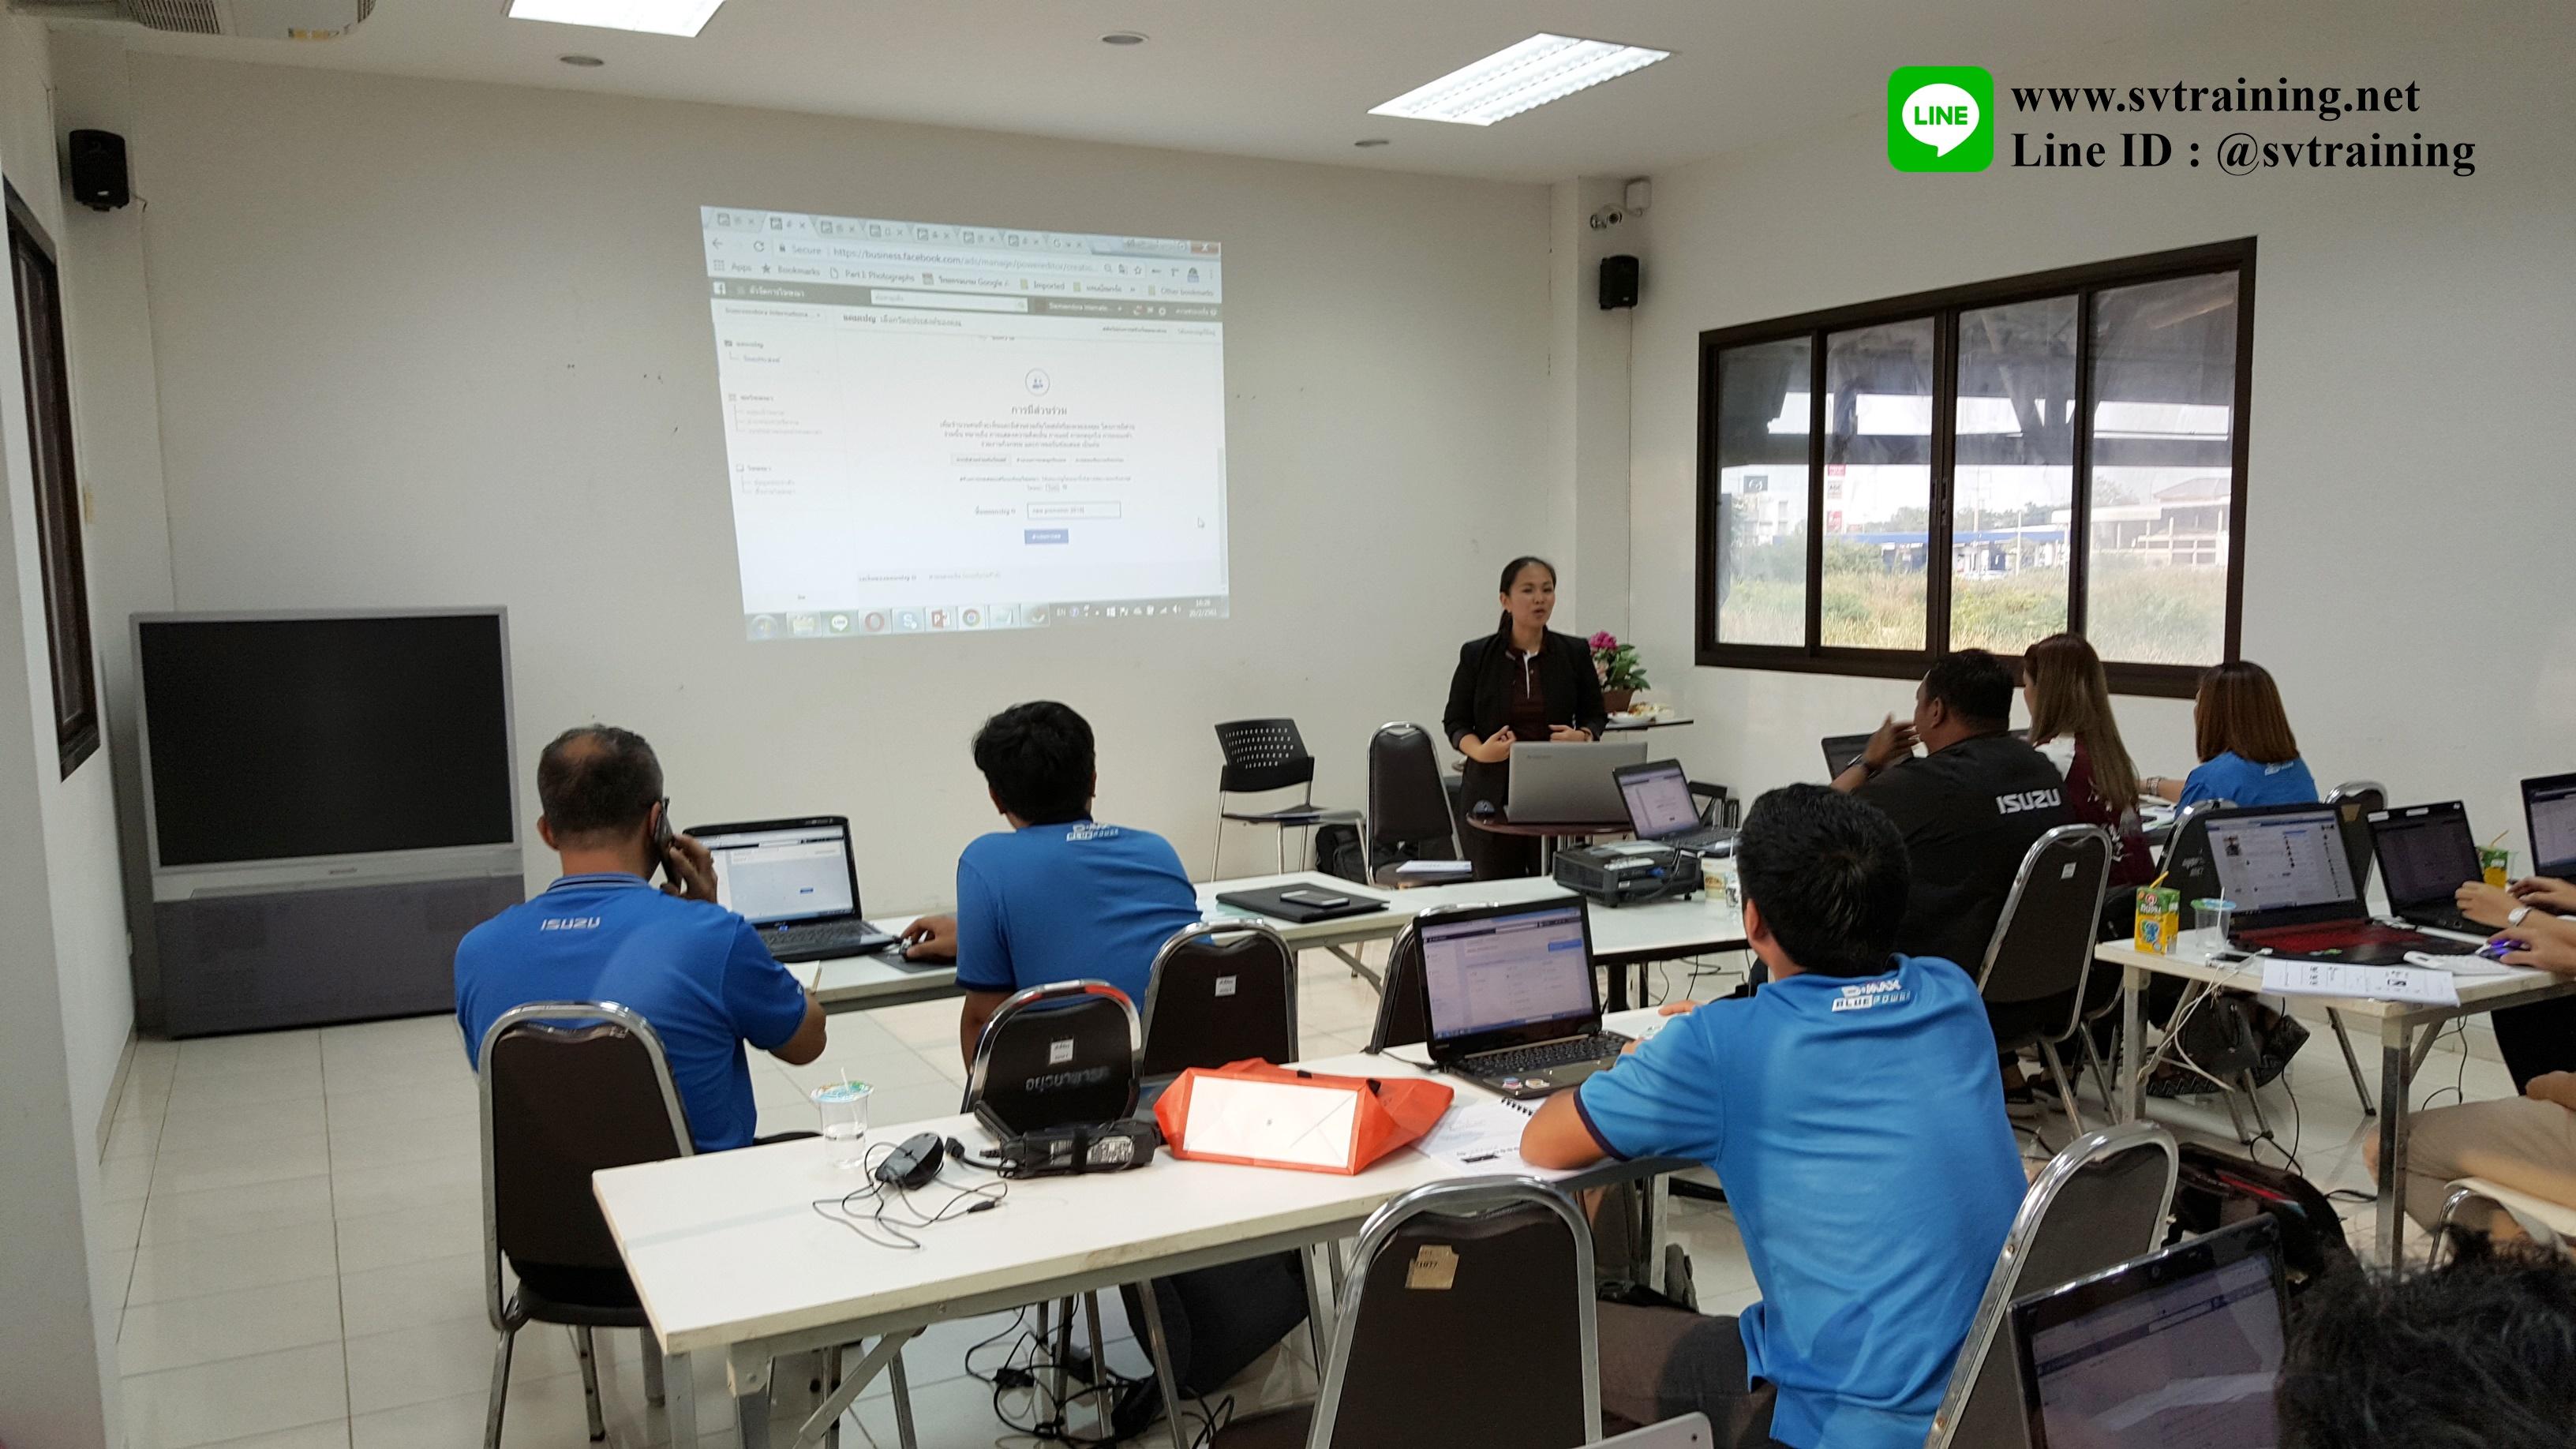 สอนการตลาดออนไลน์โดยอาจารย์ใบตอง